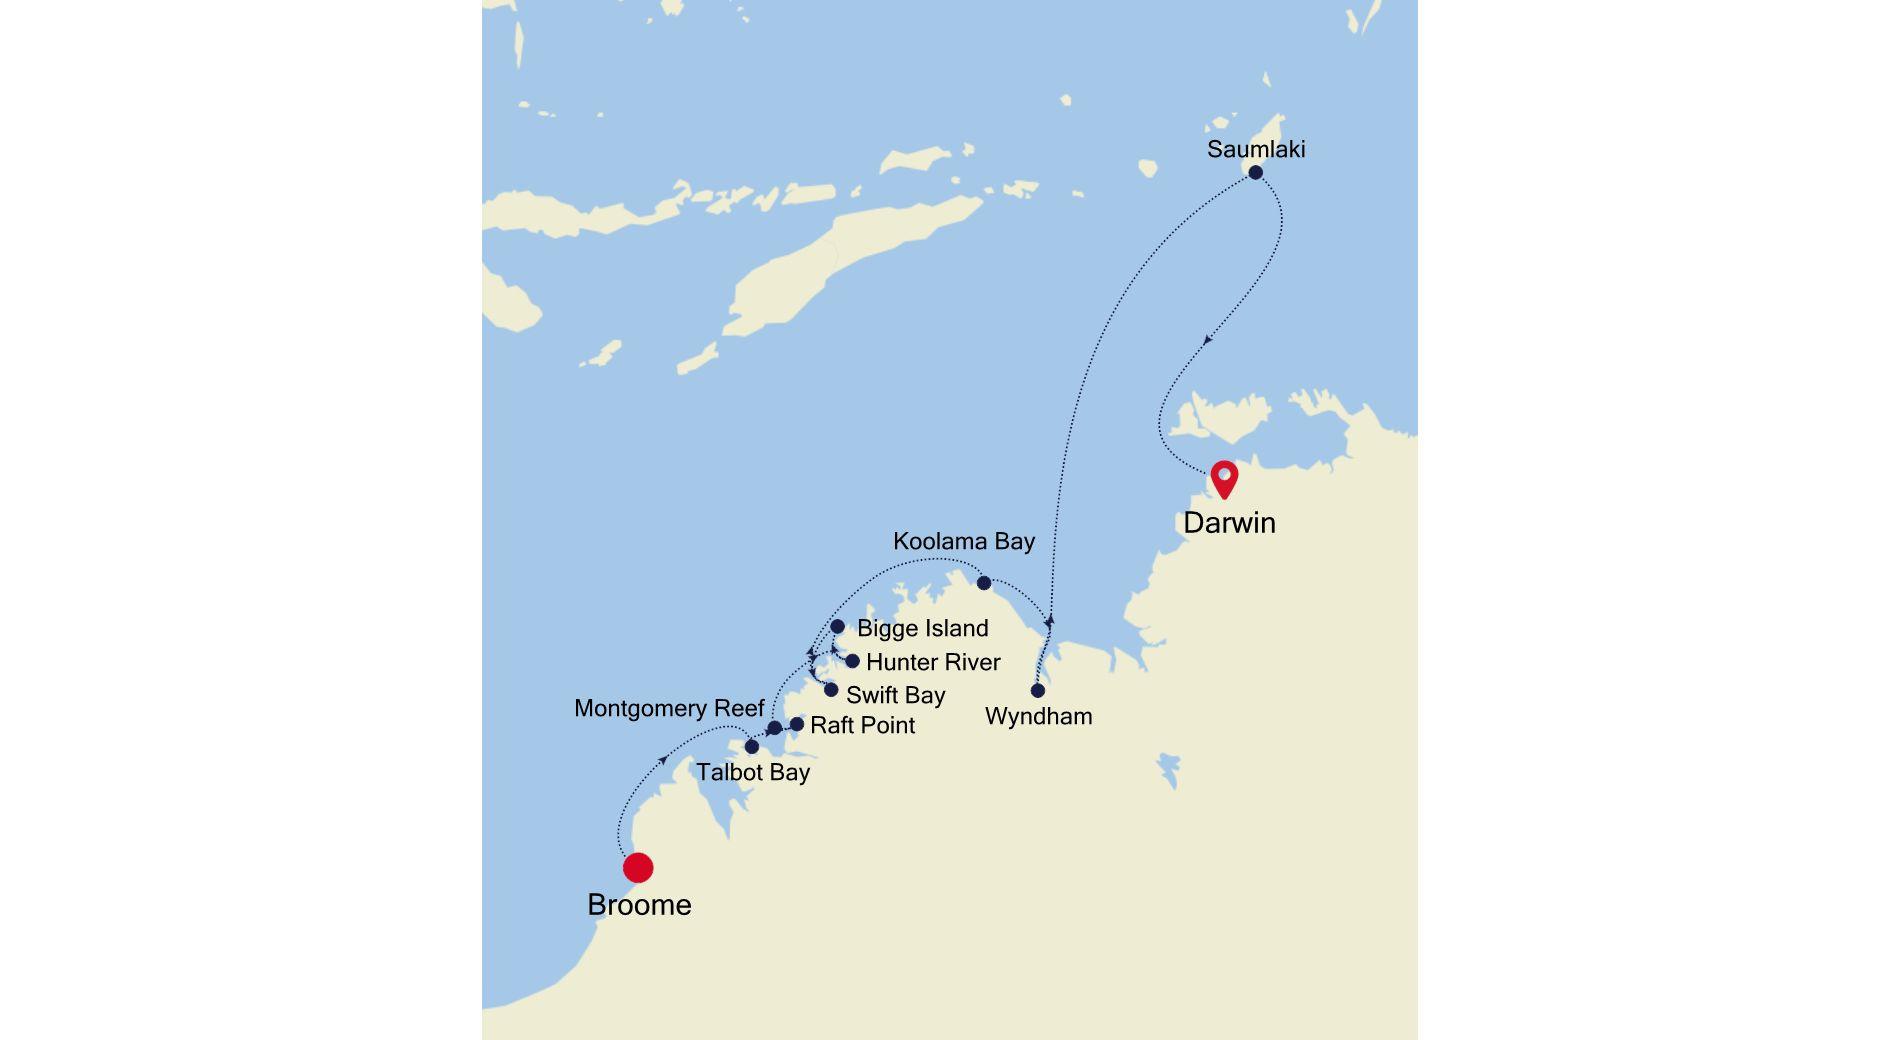 9914 - Broome à Darwin